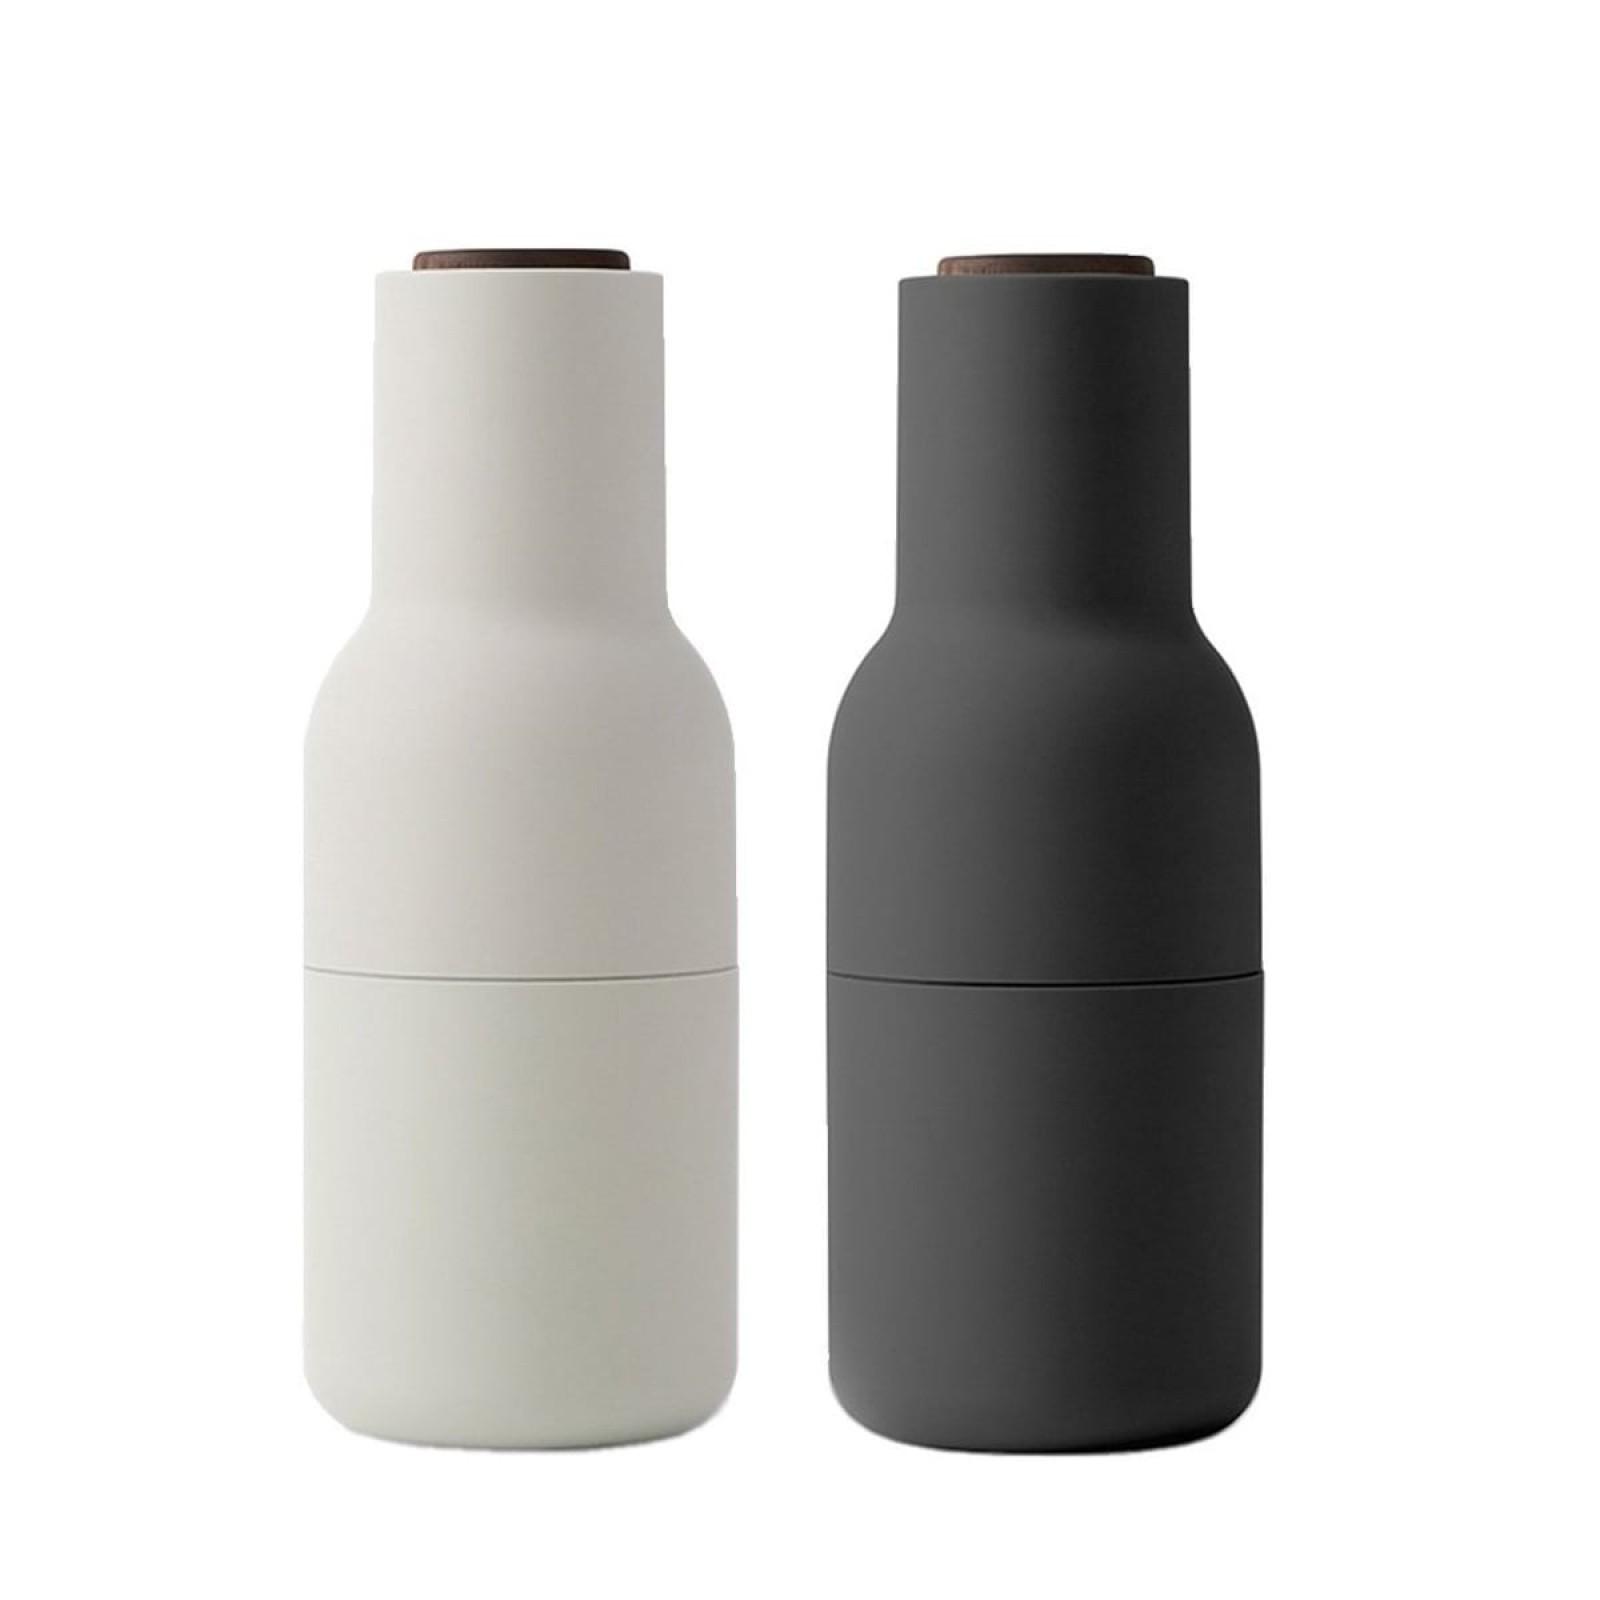 Σετ Μύλων Αλατιού & Πιπεριού Bottle Grinder (Λευκό / Μαύρο / Ξύλο Καρυδιάς) - Menu